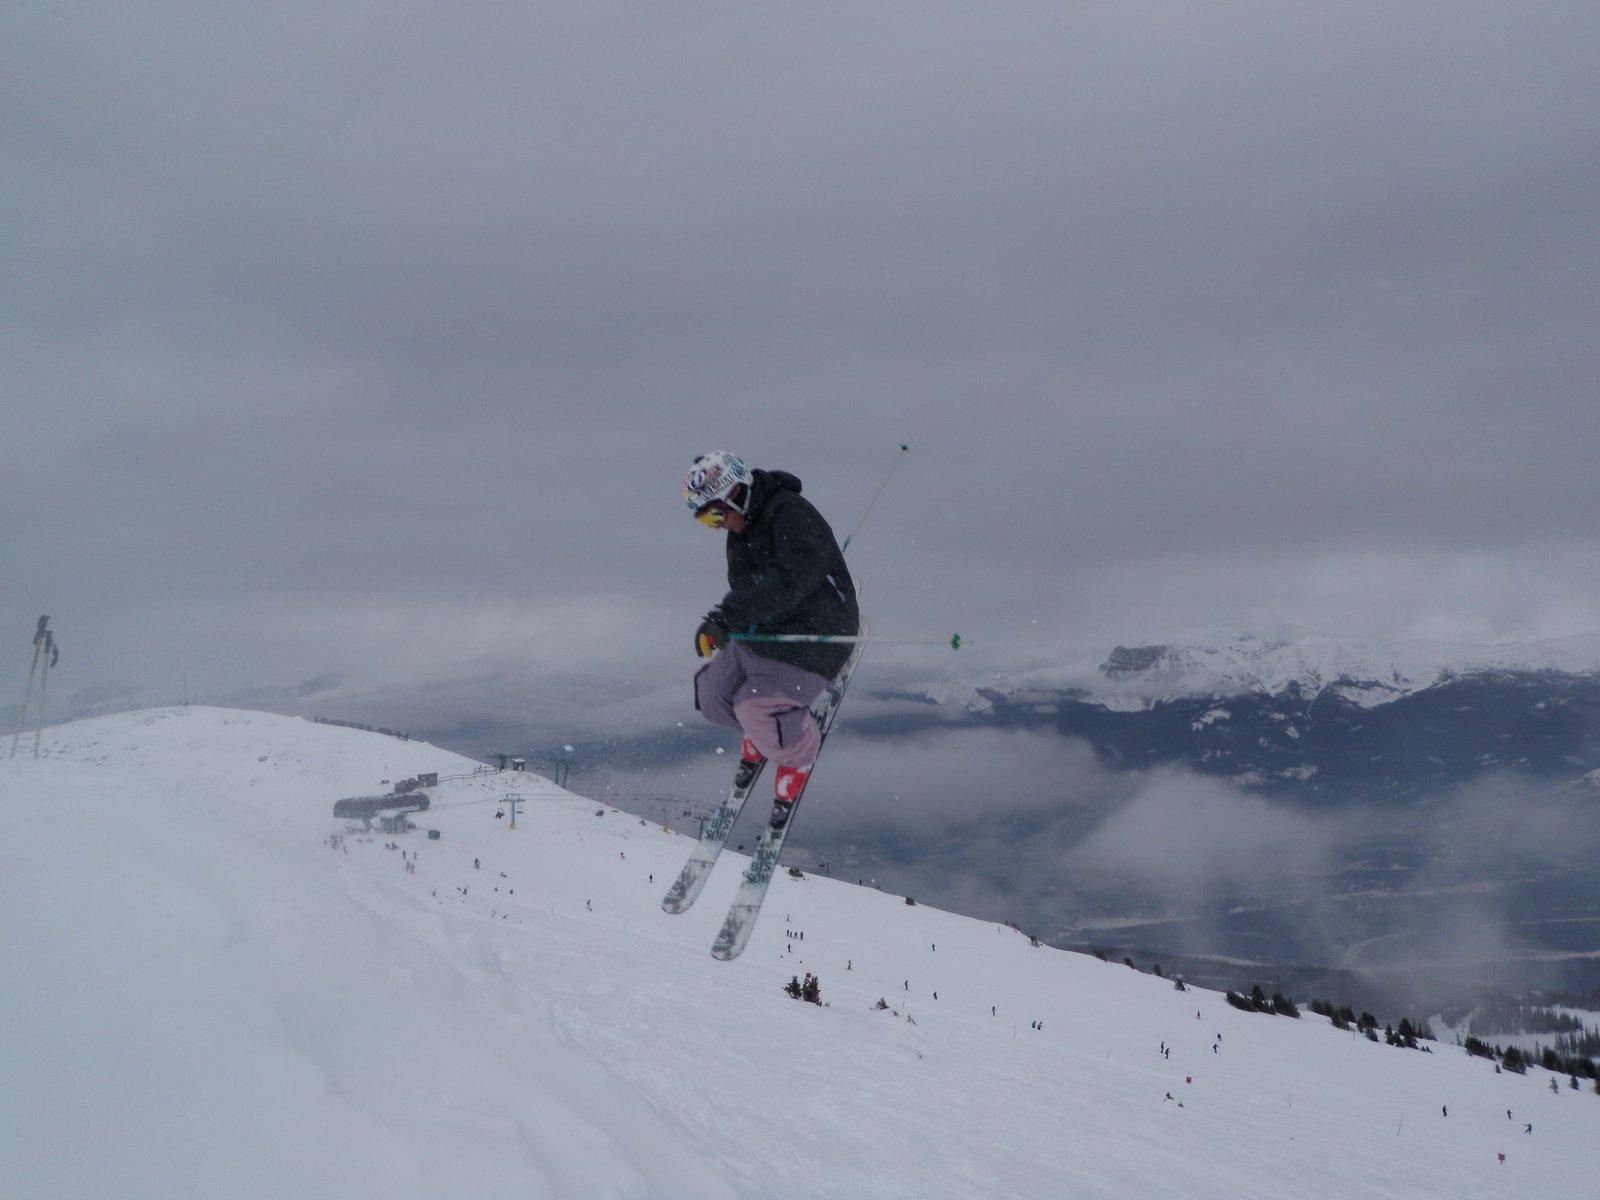 Rental skis sesh